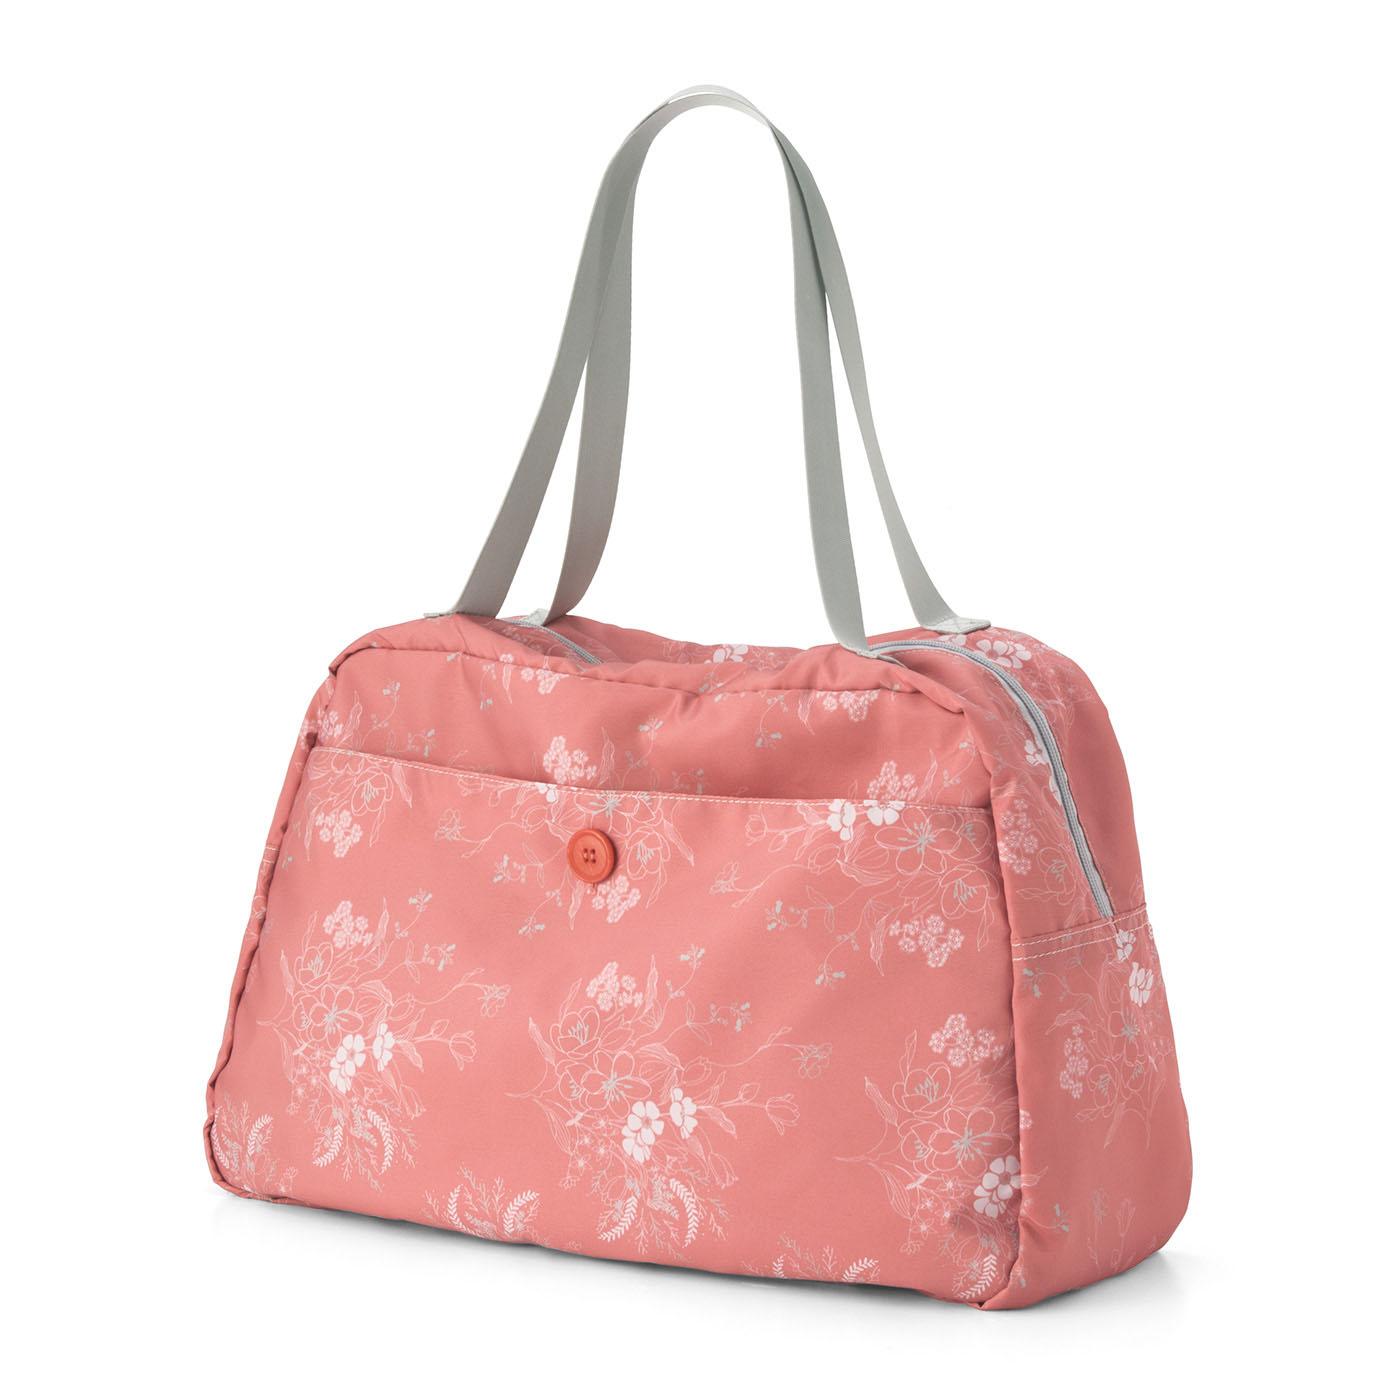 〈ピンク〉前面の大きなポケットには、ぬれた雨具などを入れて。